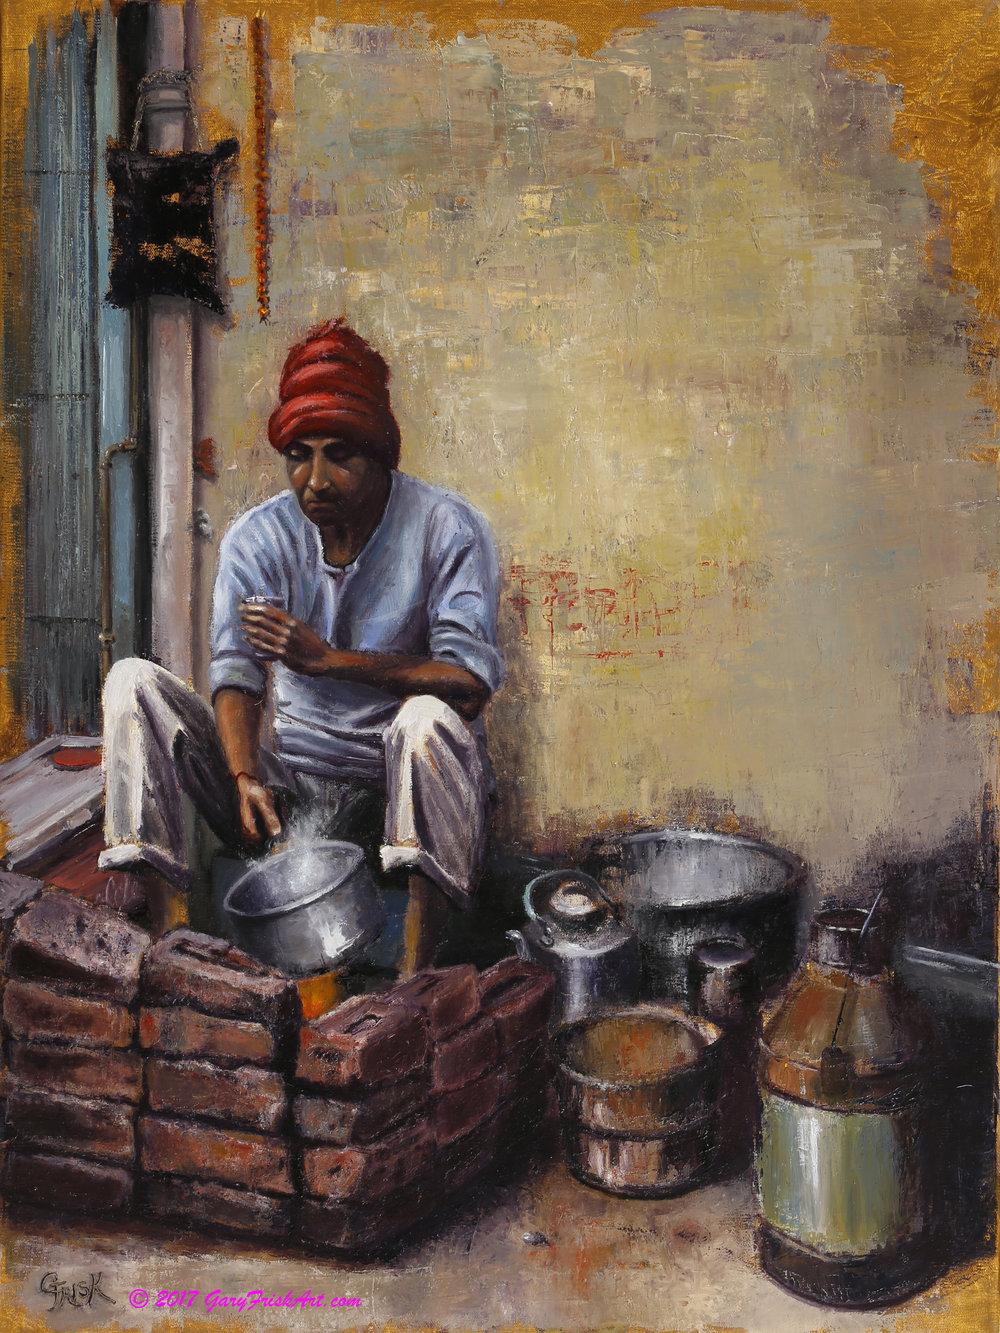 Old Delhi Street Vendor 7617 GFA.jpg